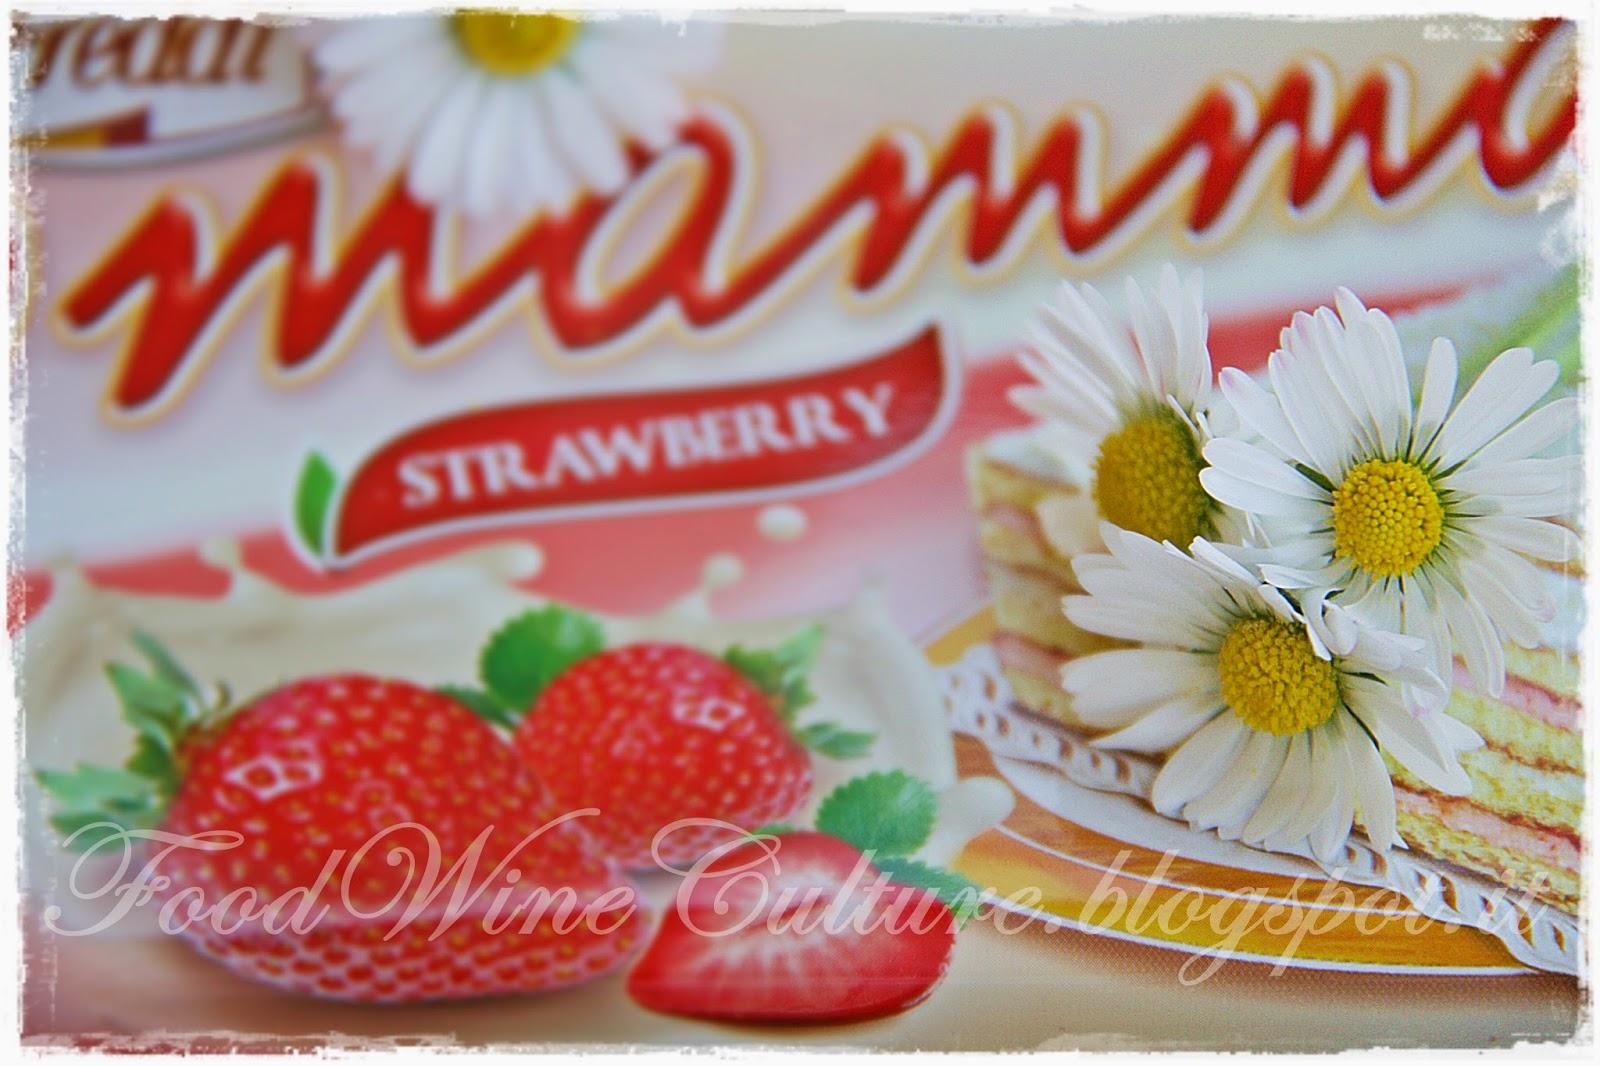 Pan di Spagna della Serie dolciaria O'Mamma dell'Azienda Freddi con Crema di Latte, Yogurt Bio e Fragole Fresche